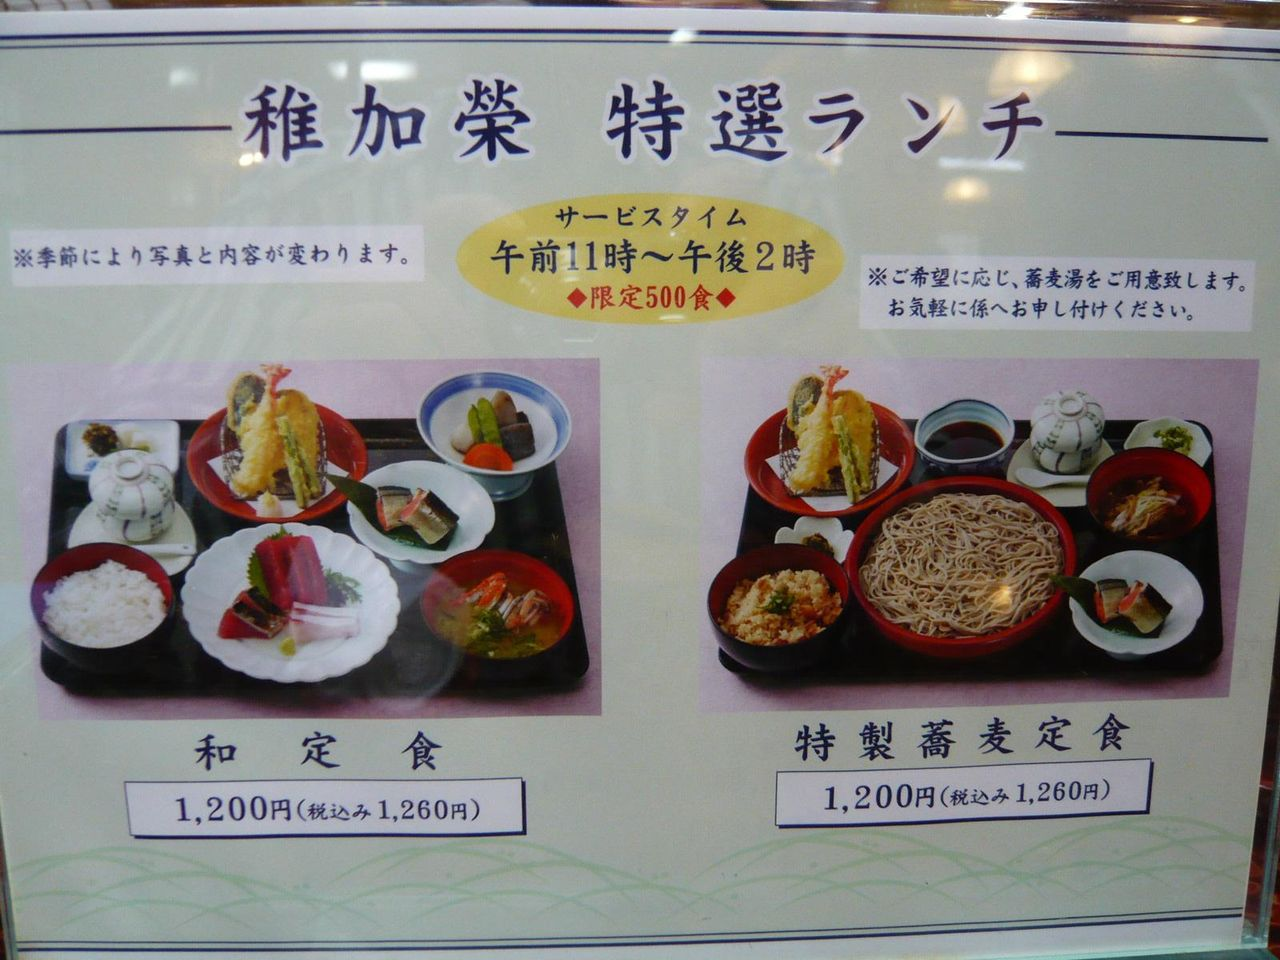 料亭「稚加榮」の限定500食ランチ1,260円